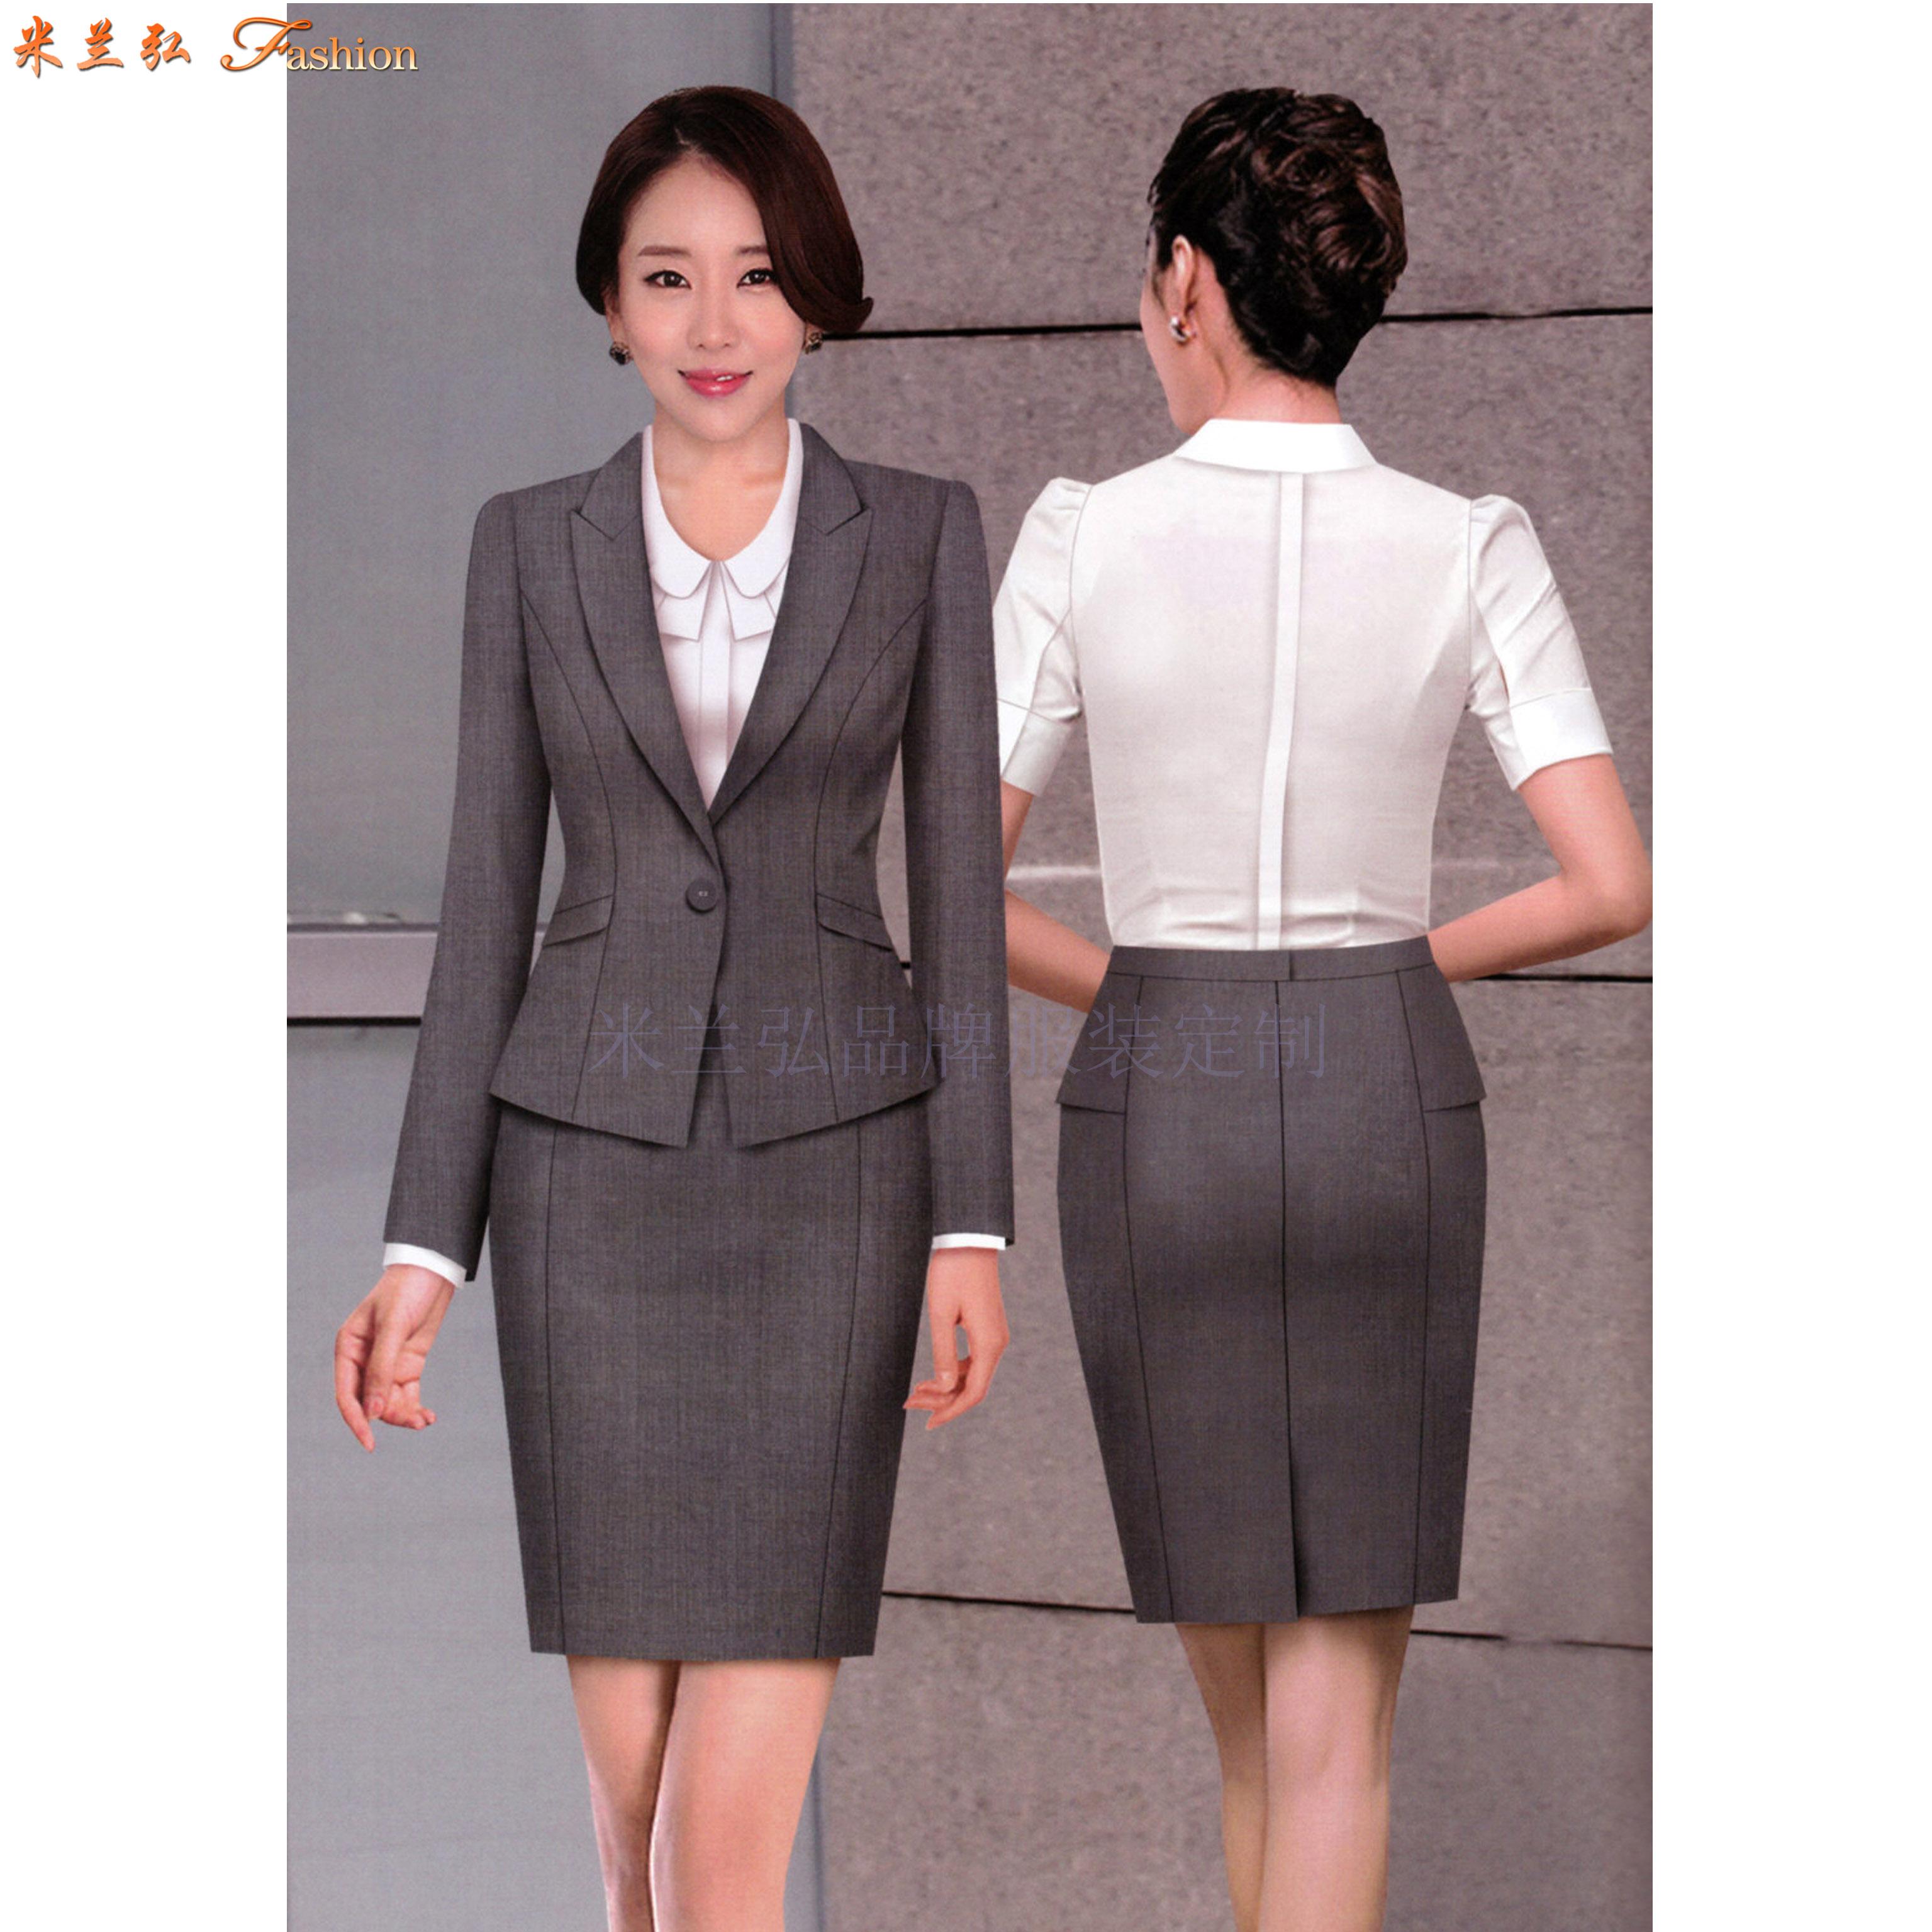 「北京正裝定制」「北京正裝訂做」推薦西裝革履米蘭弘品牌服裝-2